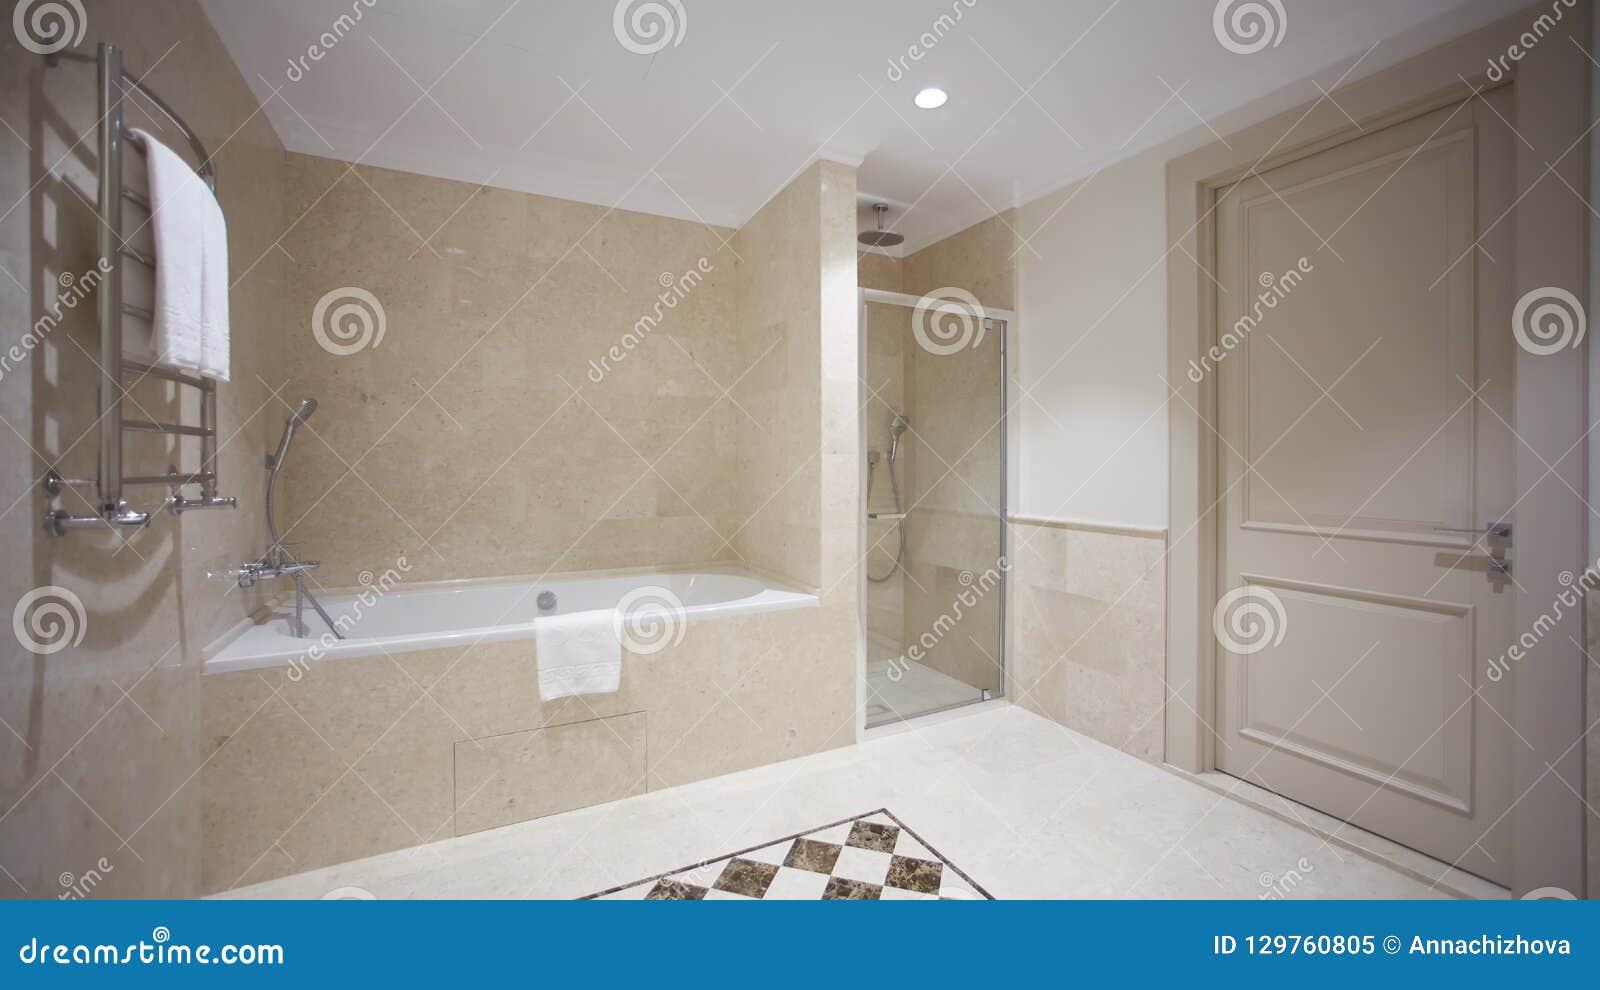 Verre De Separation Salle De Bain salle de bains gentille dans un style moderne avec les murs